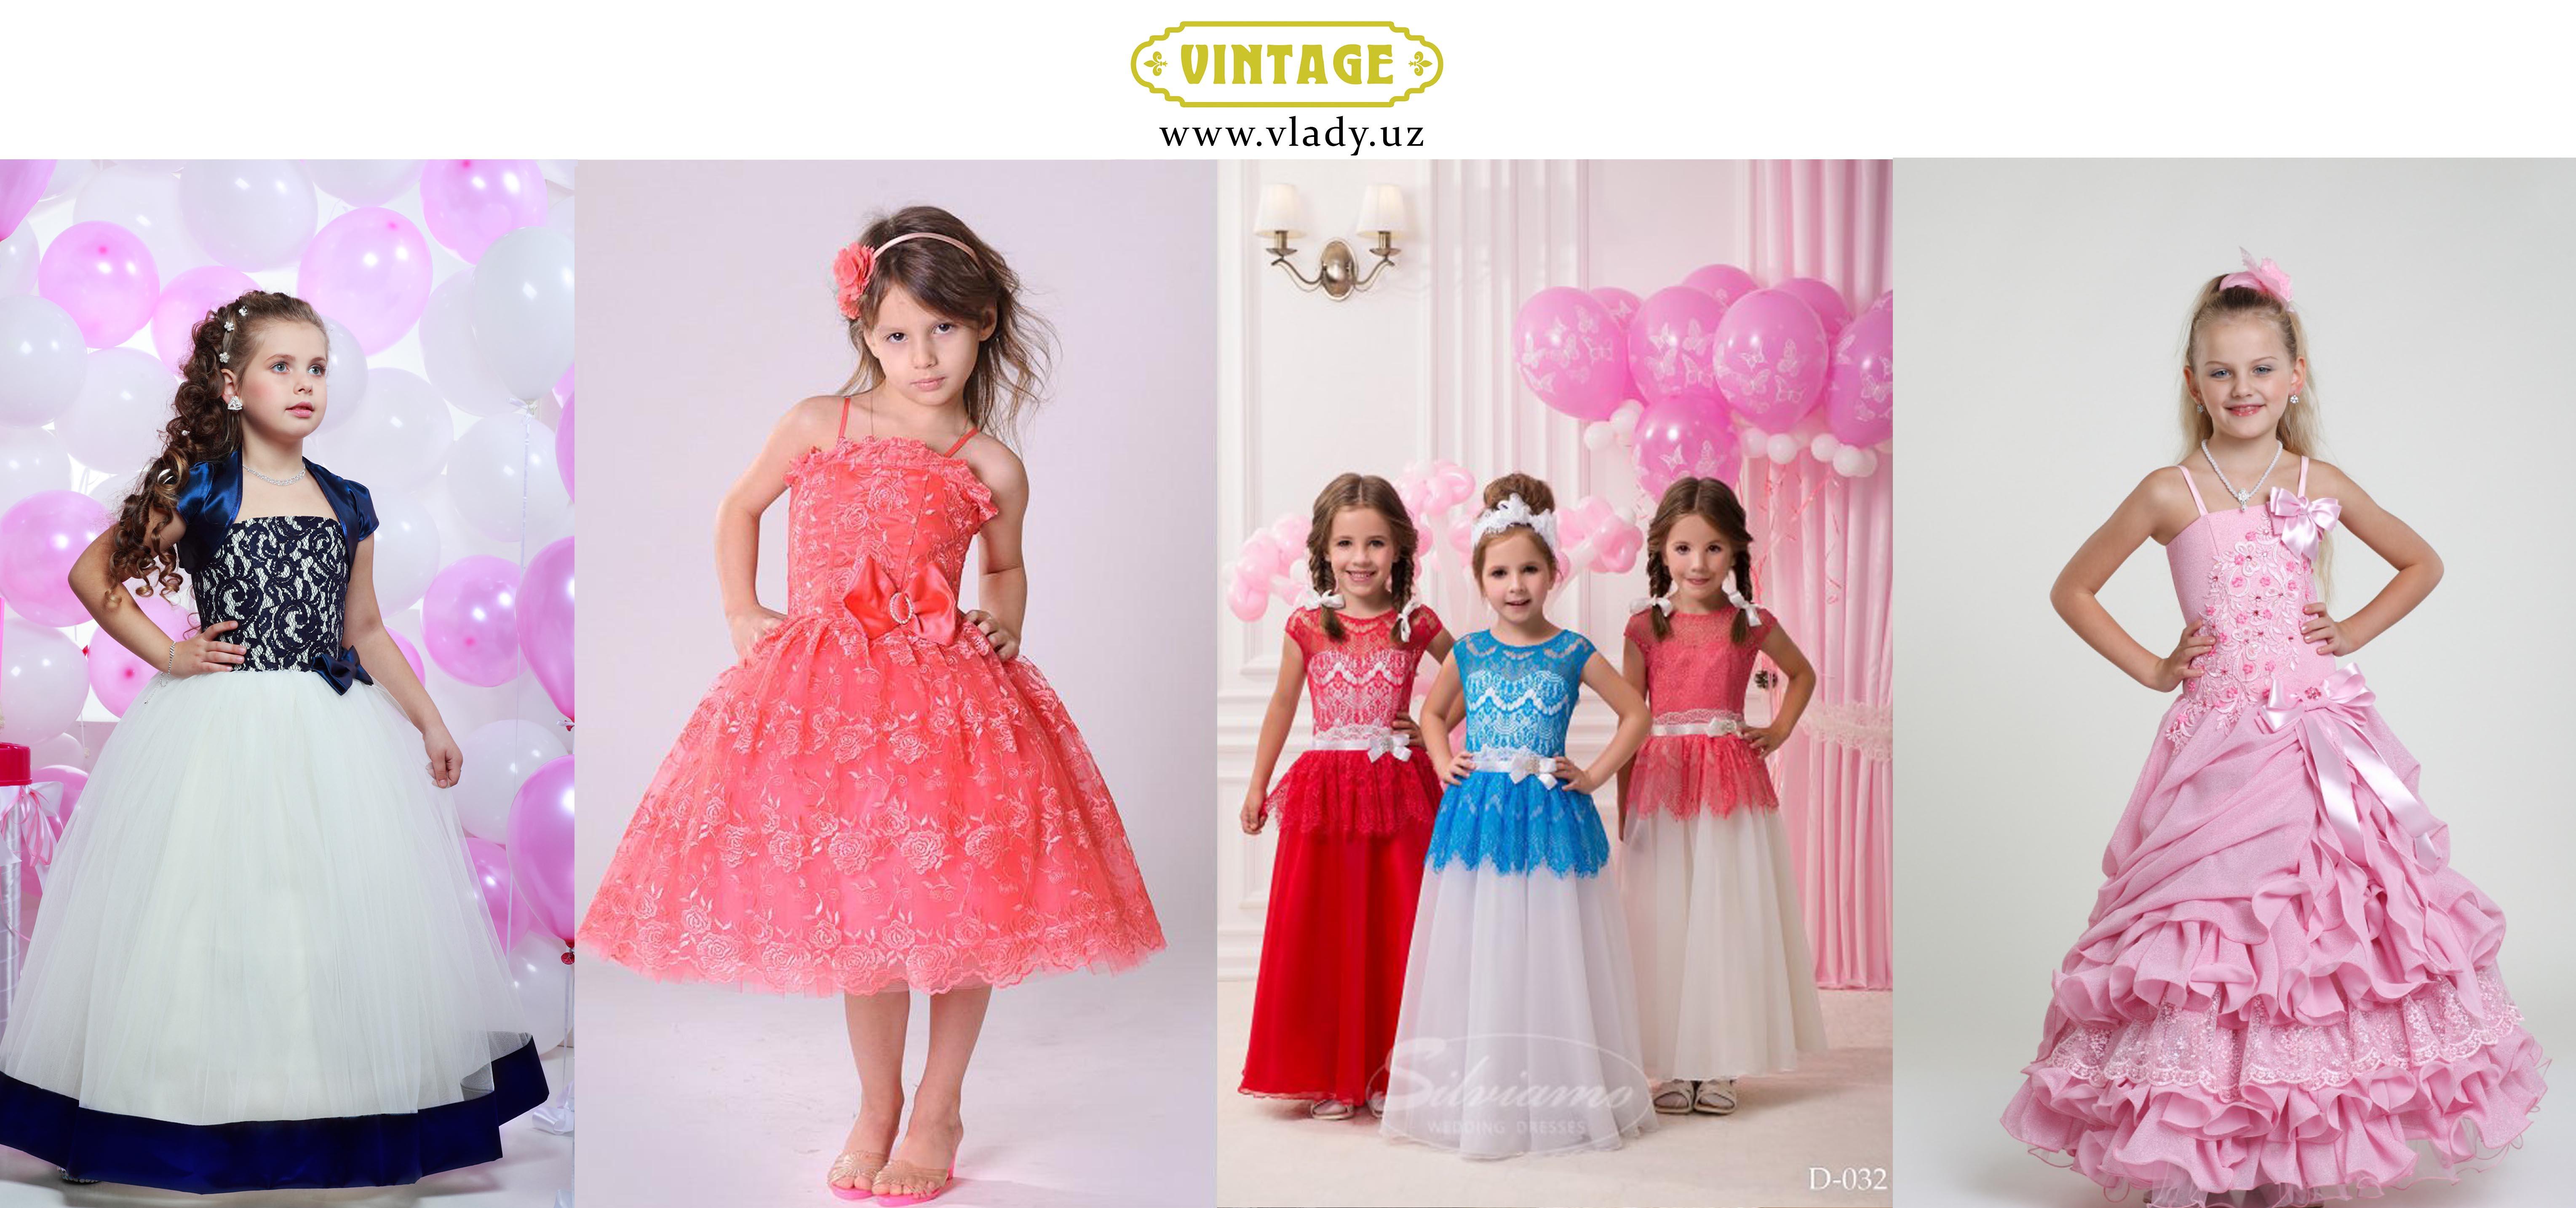 Узбекистан платья детские